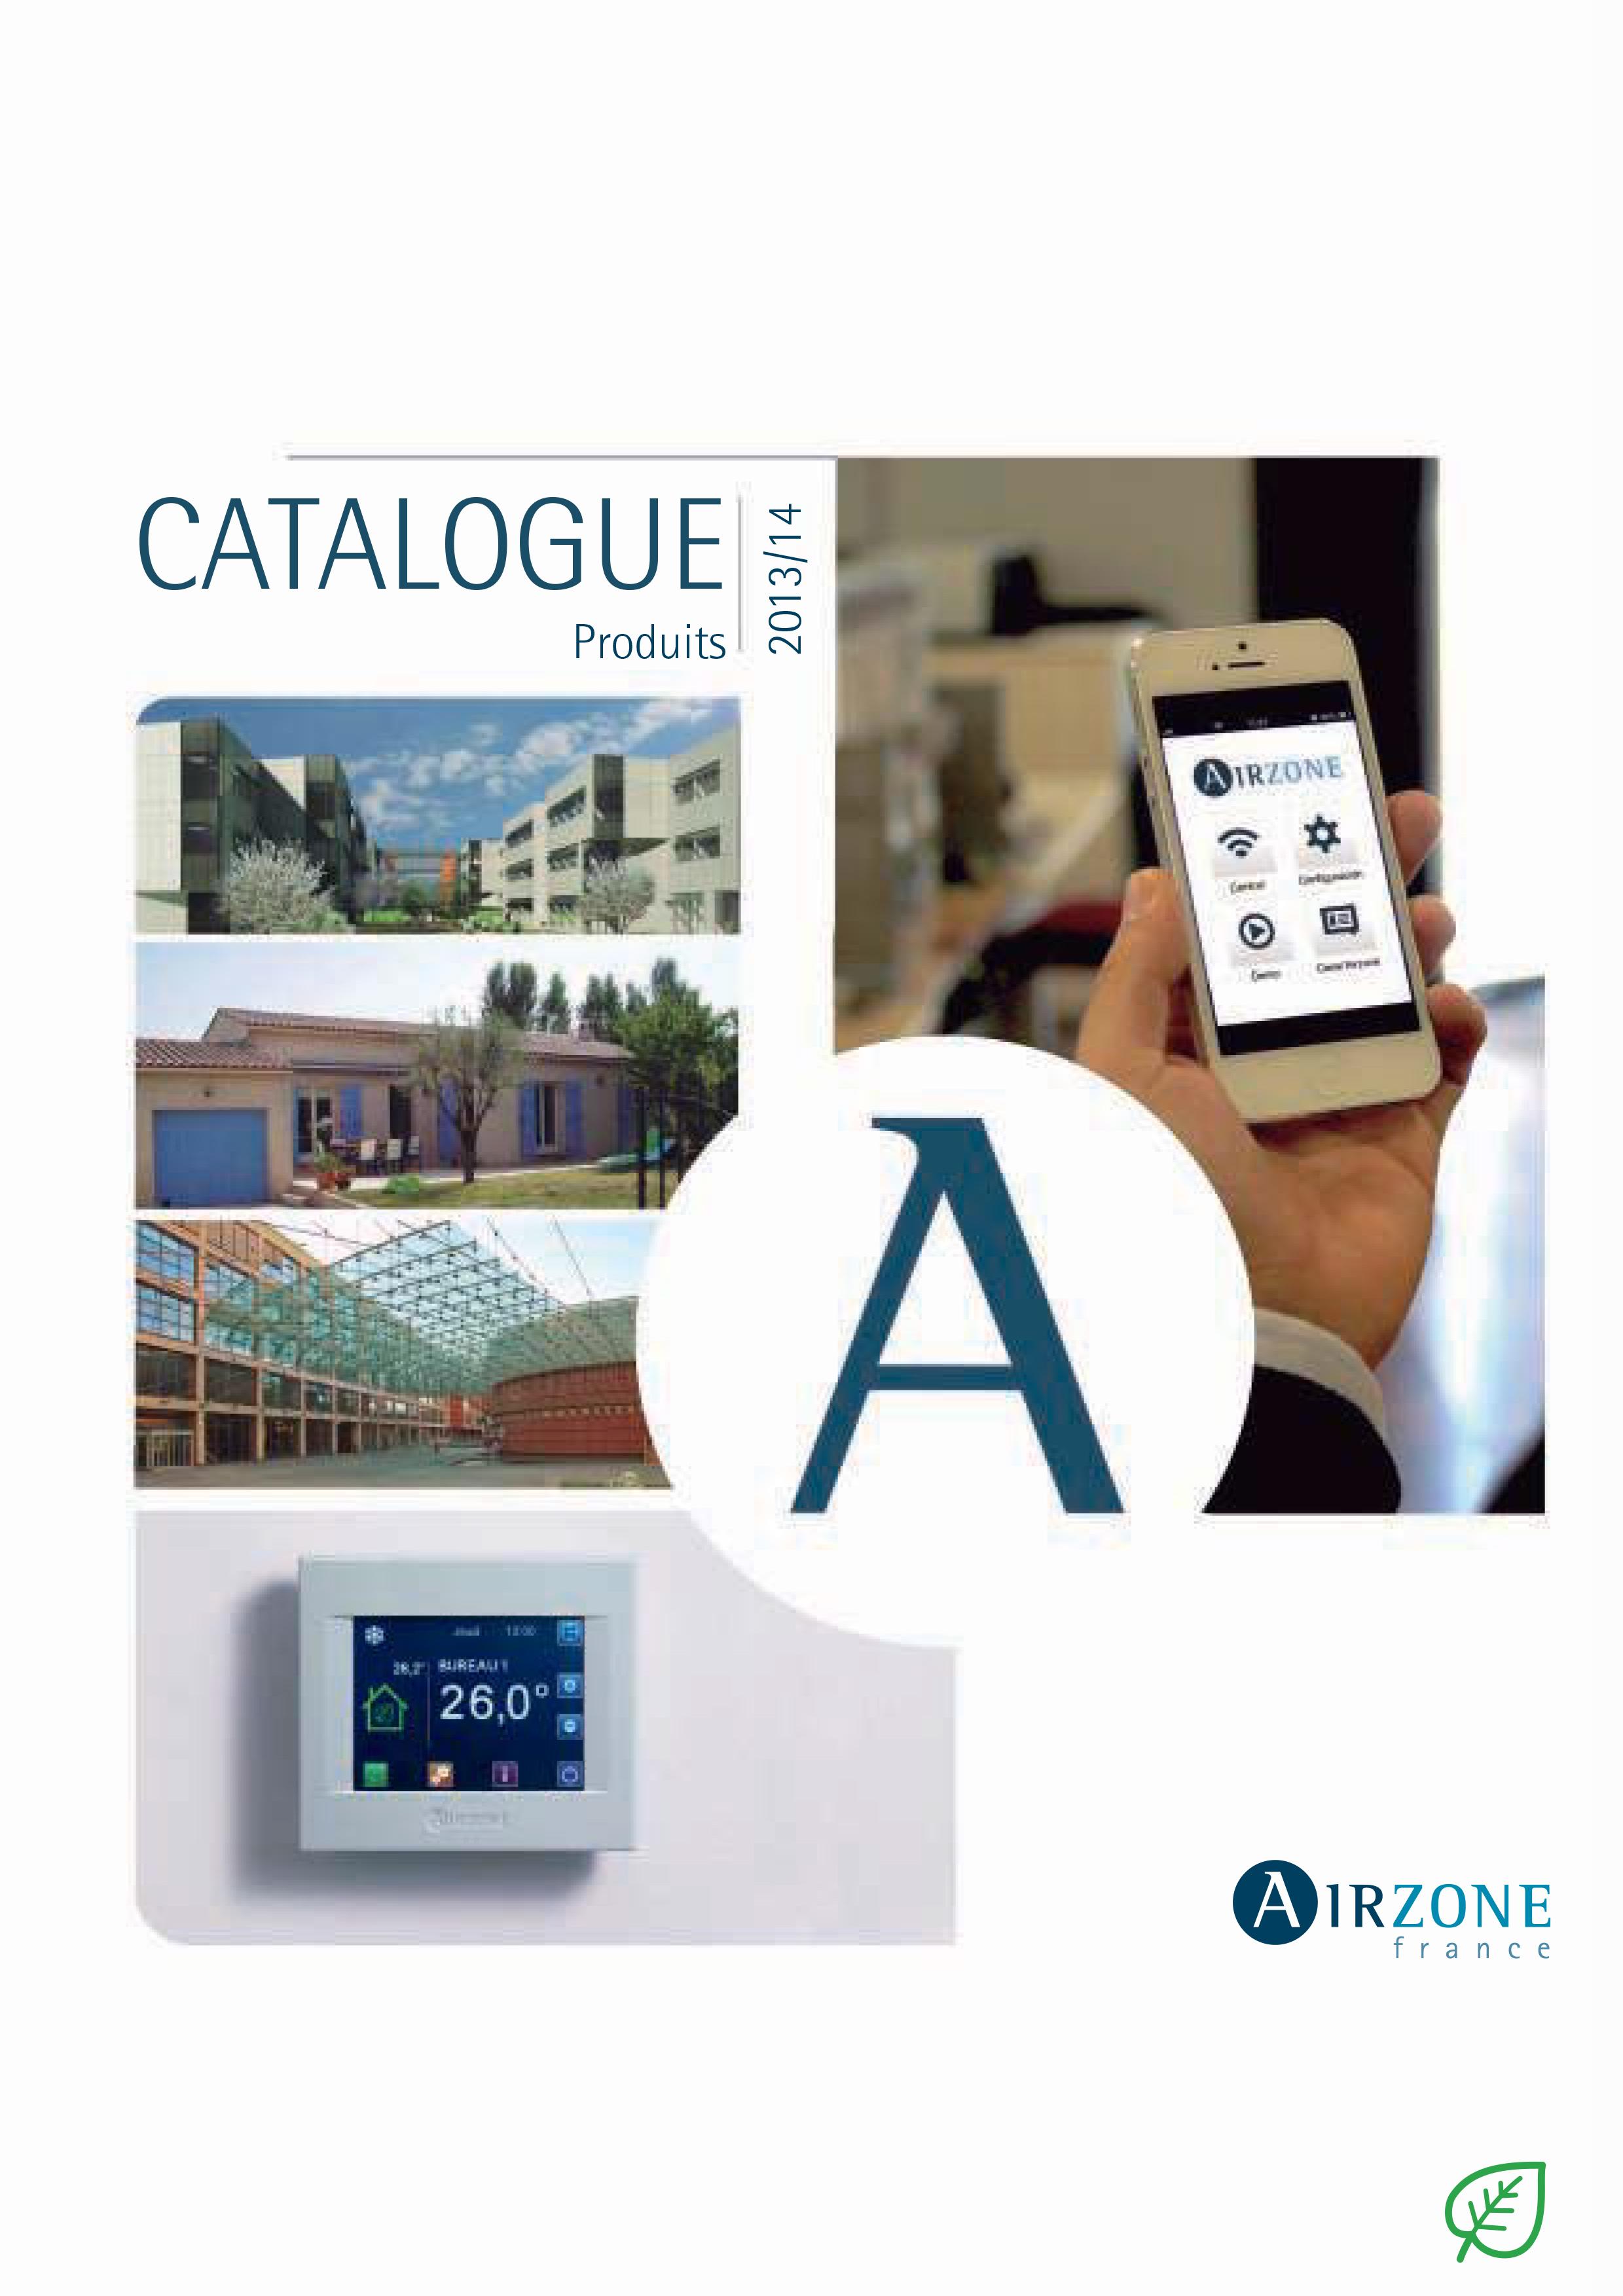 Catalogue 2013-2014